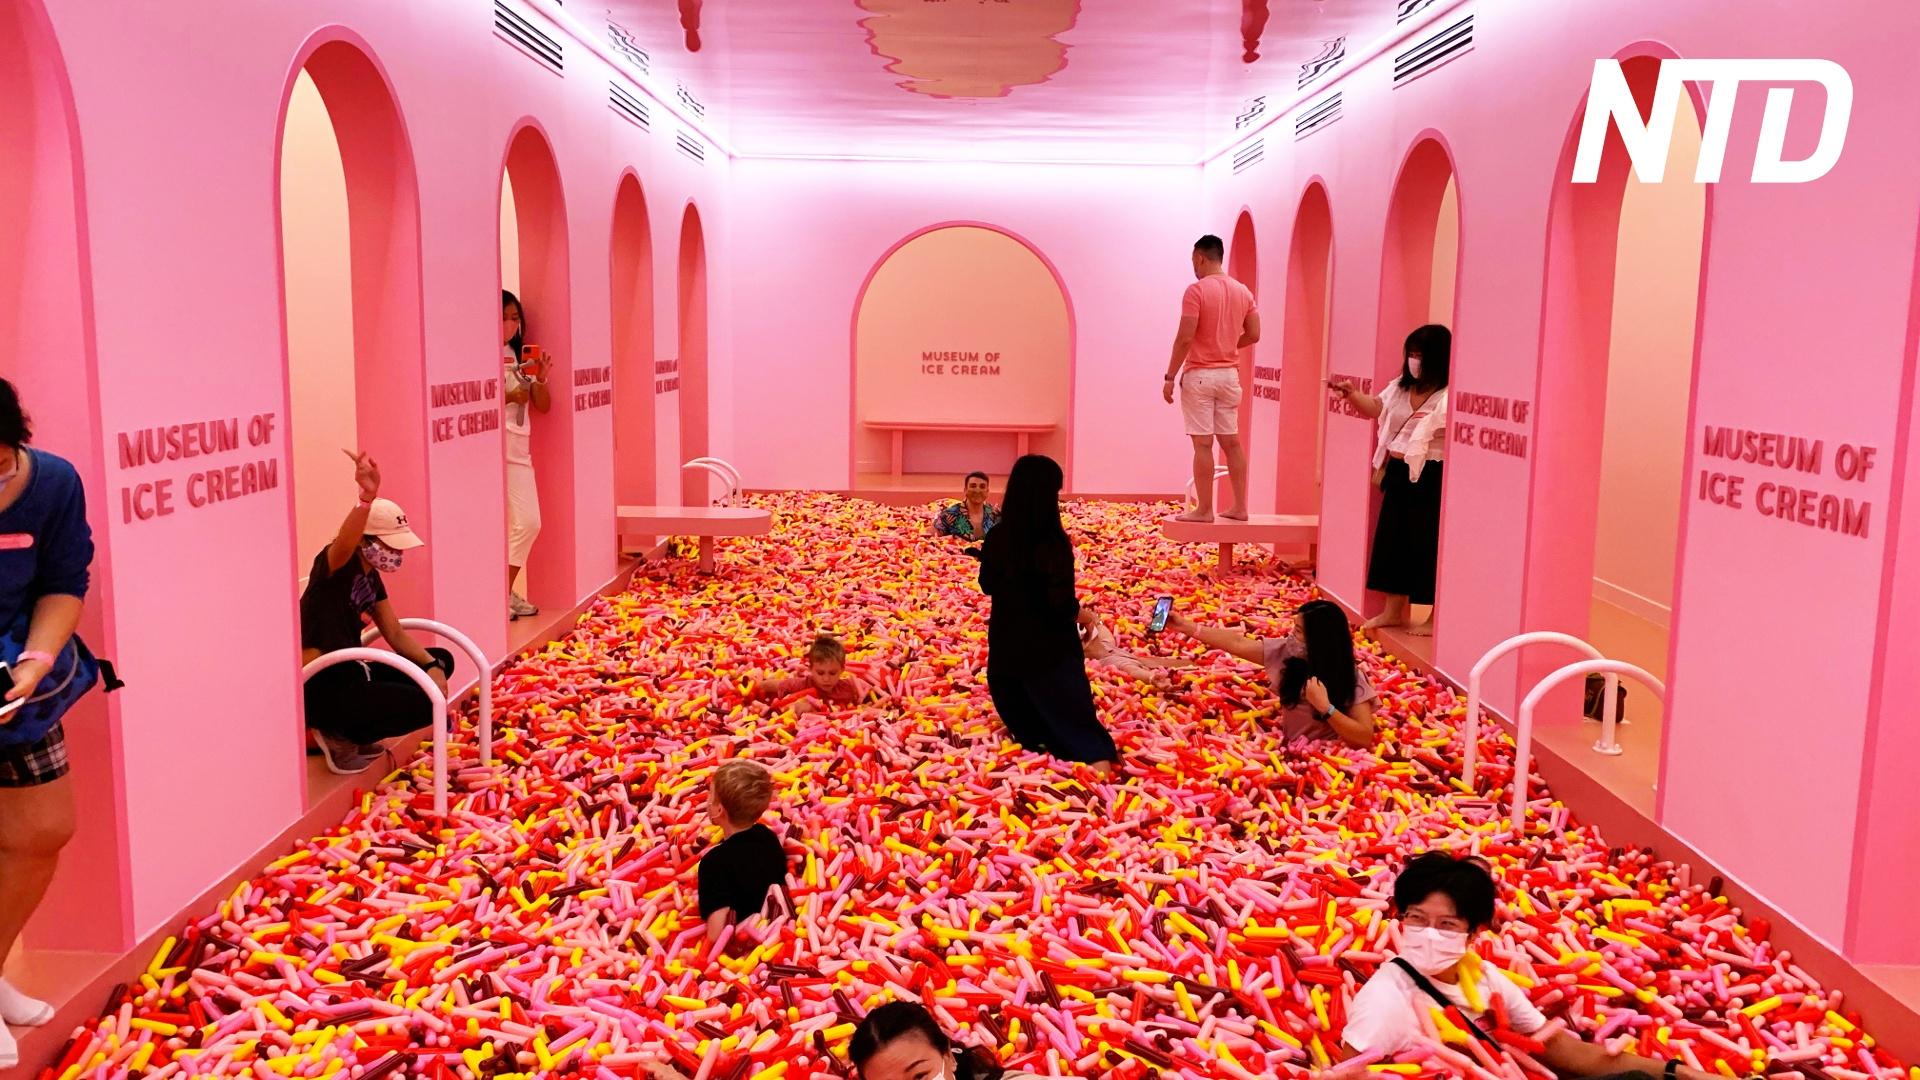 Музей мороженого в Сингапуре: как подсластить выход из локдауна